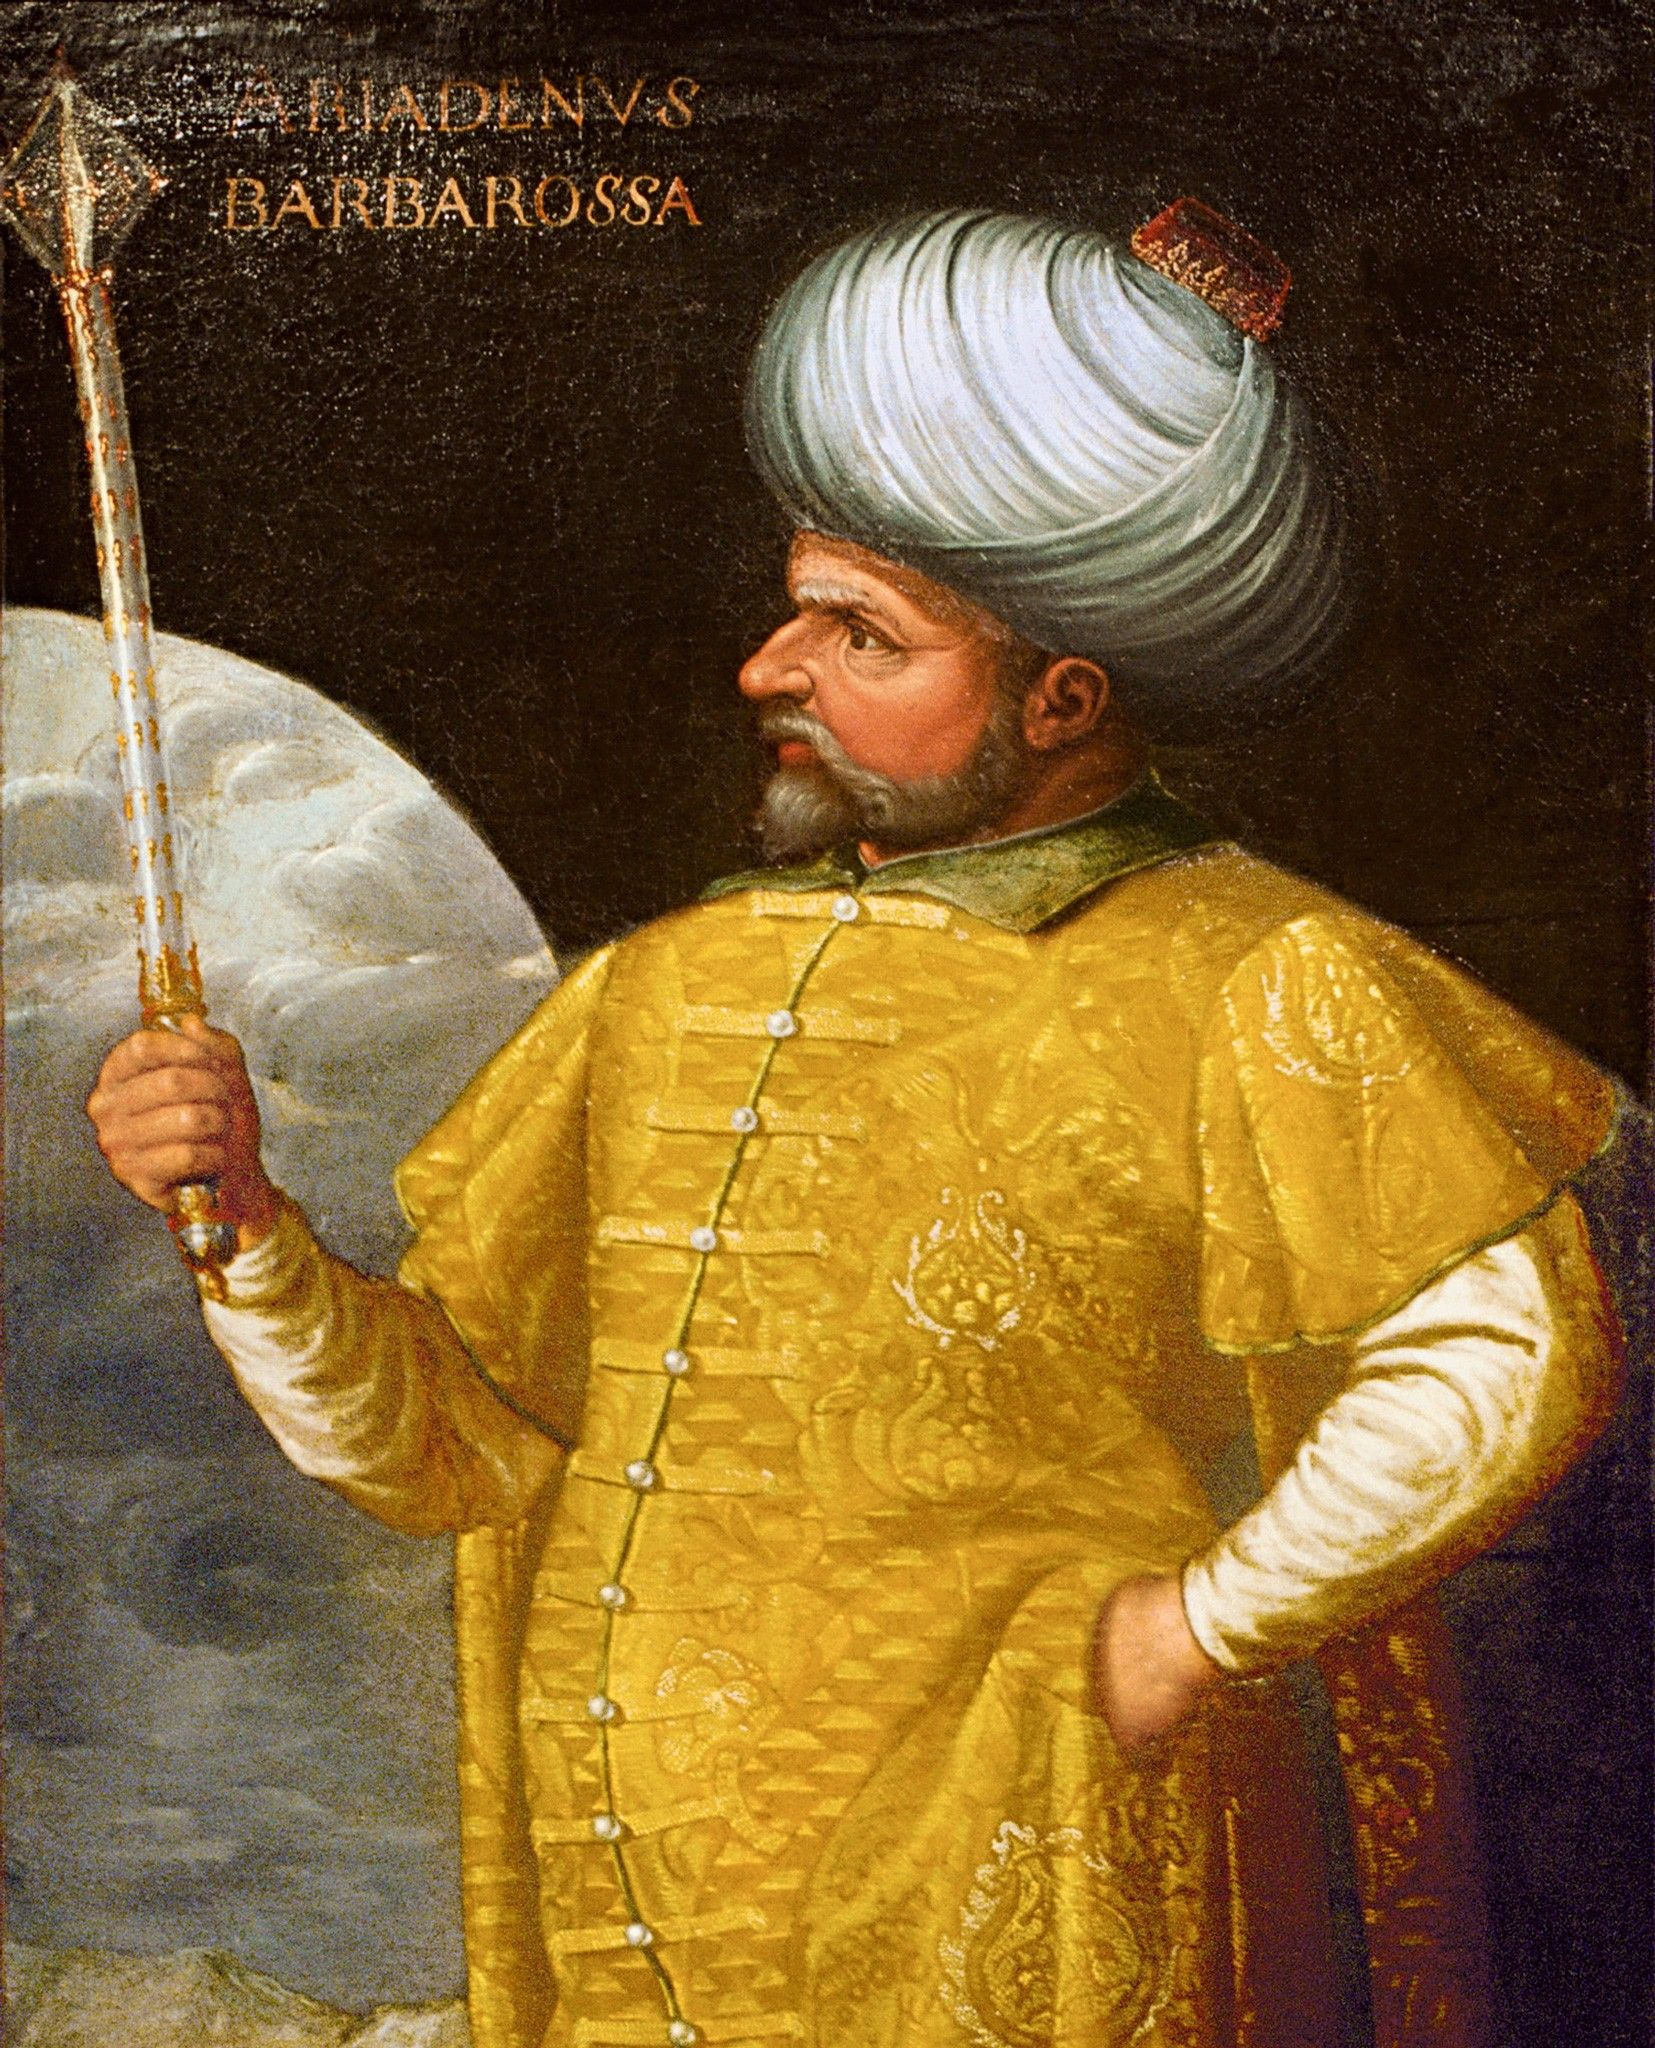 Barberousse, le redoutable corsaire qui régnait en maître sur la Méditerranée | National Geographic